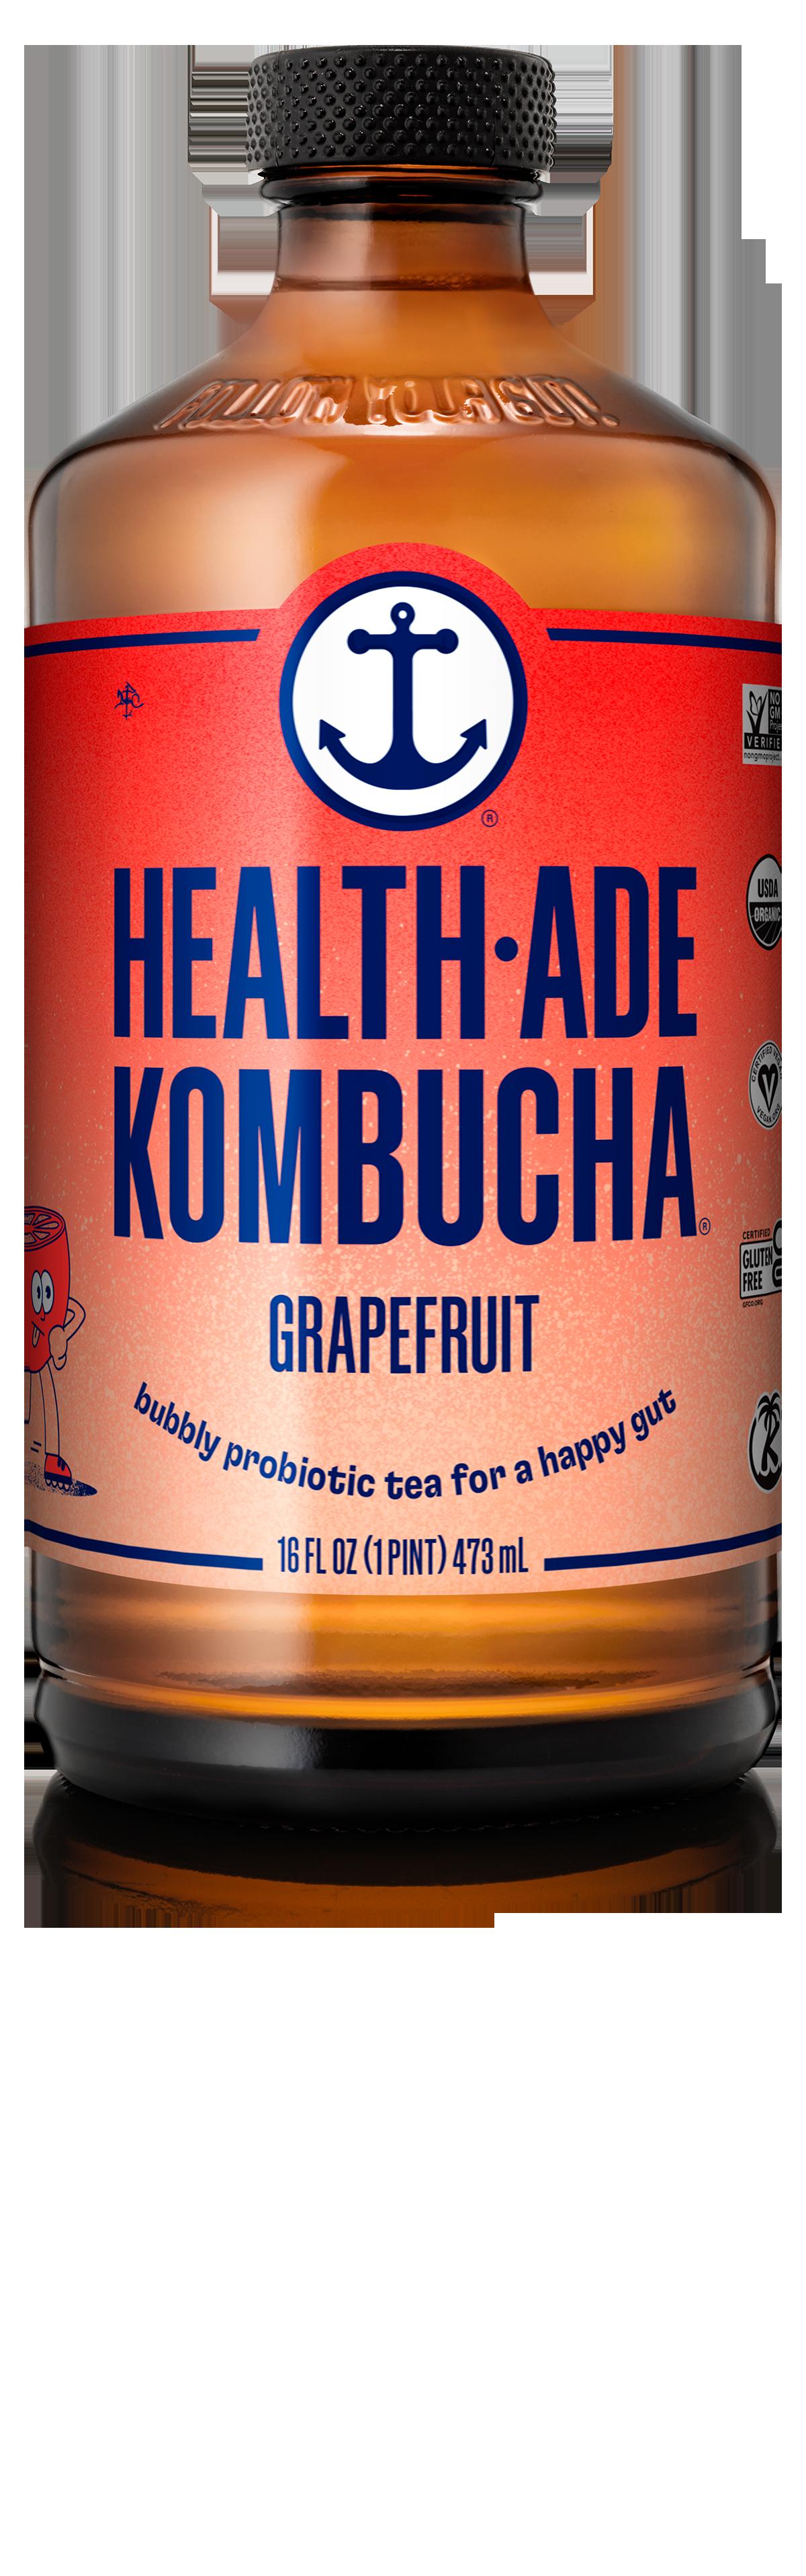 Health-Ade Kombucha Grapefruit